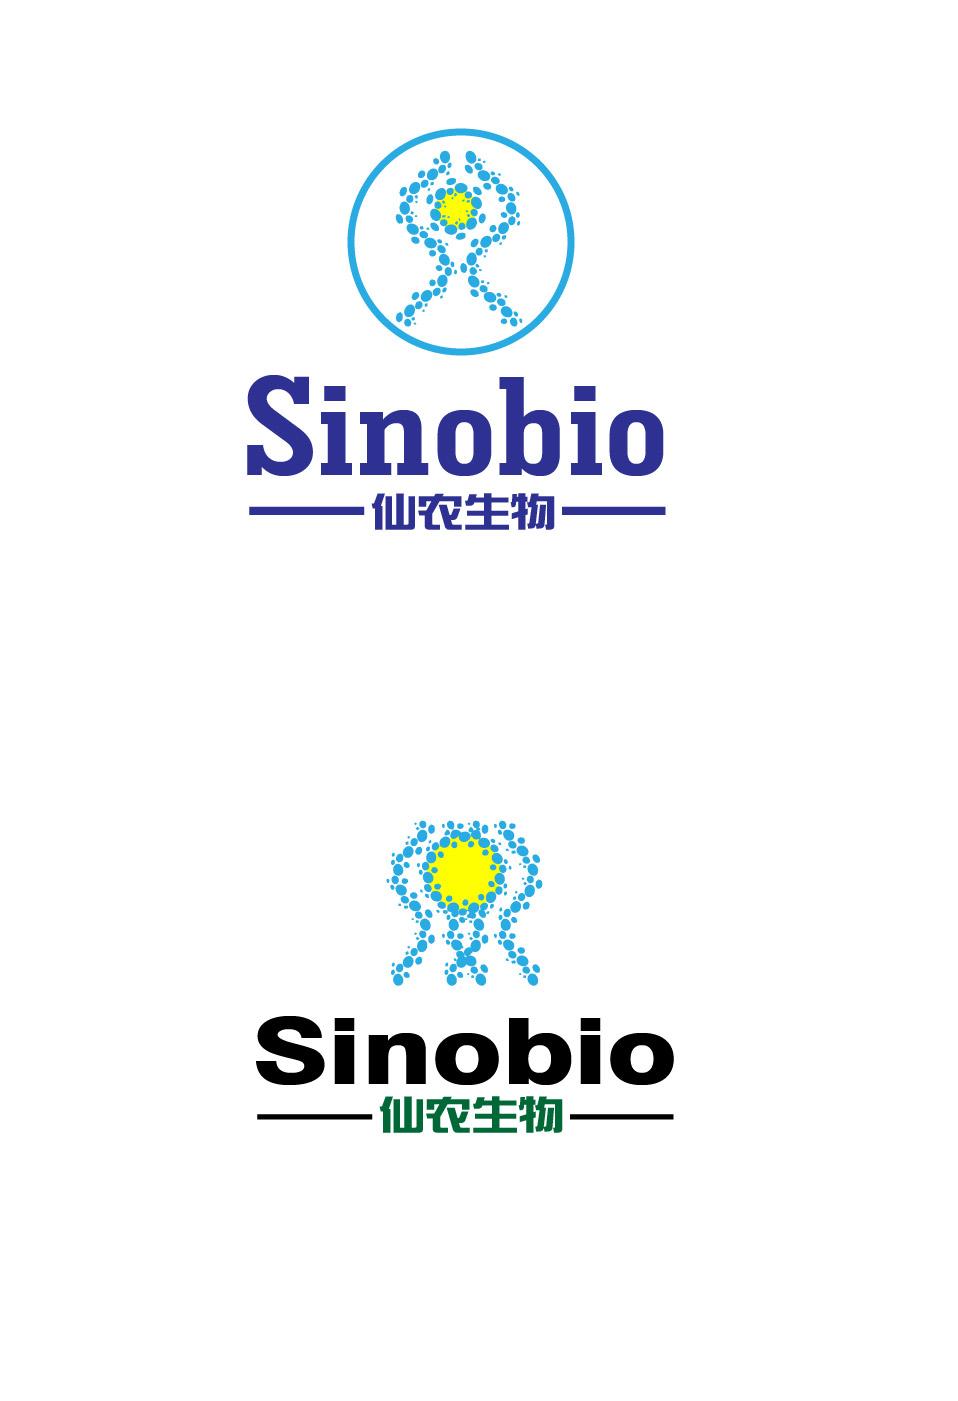 微生态生物科技公司logo 更新设计- 稿件[#2831598]